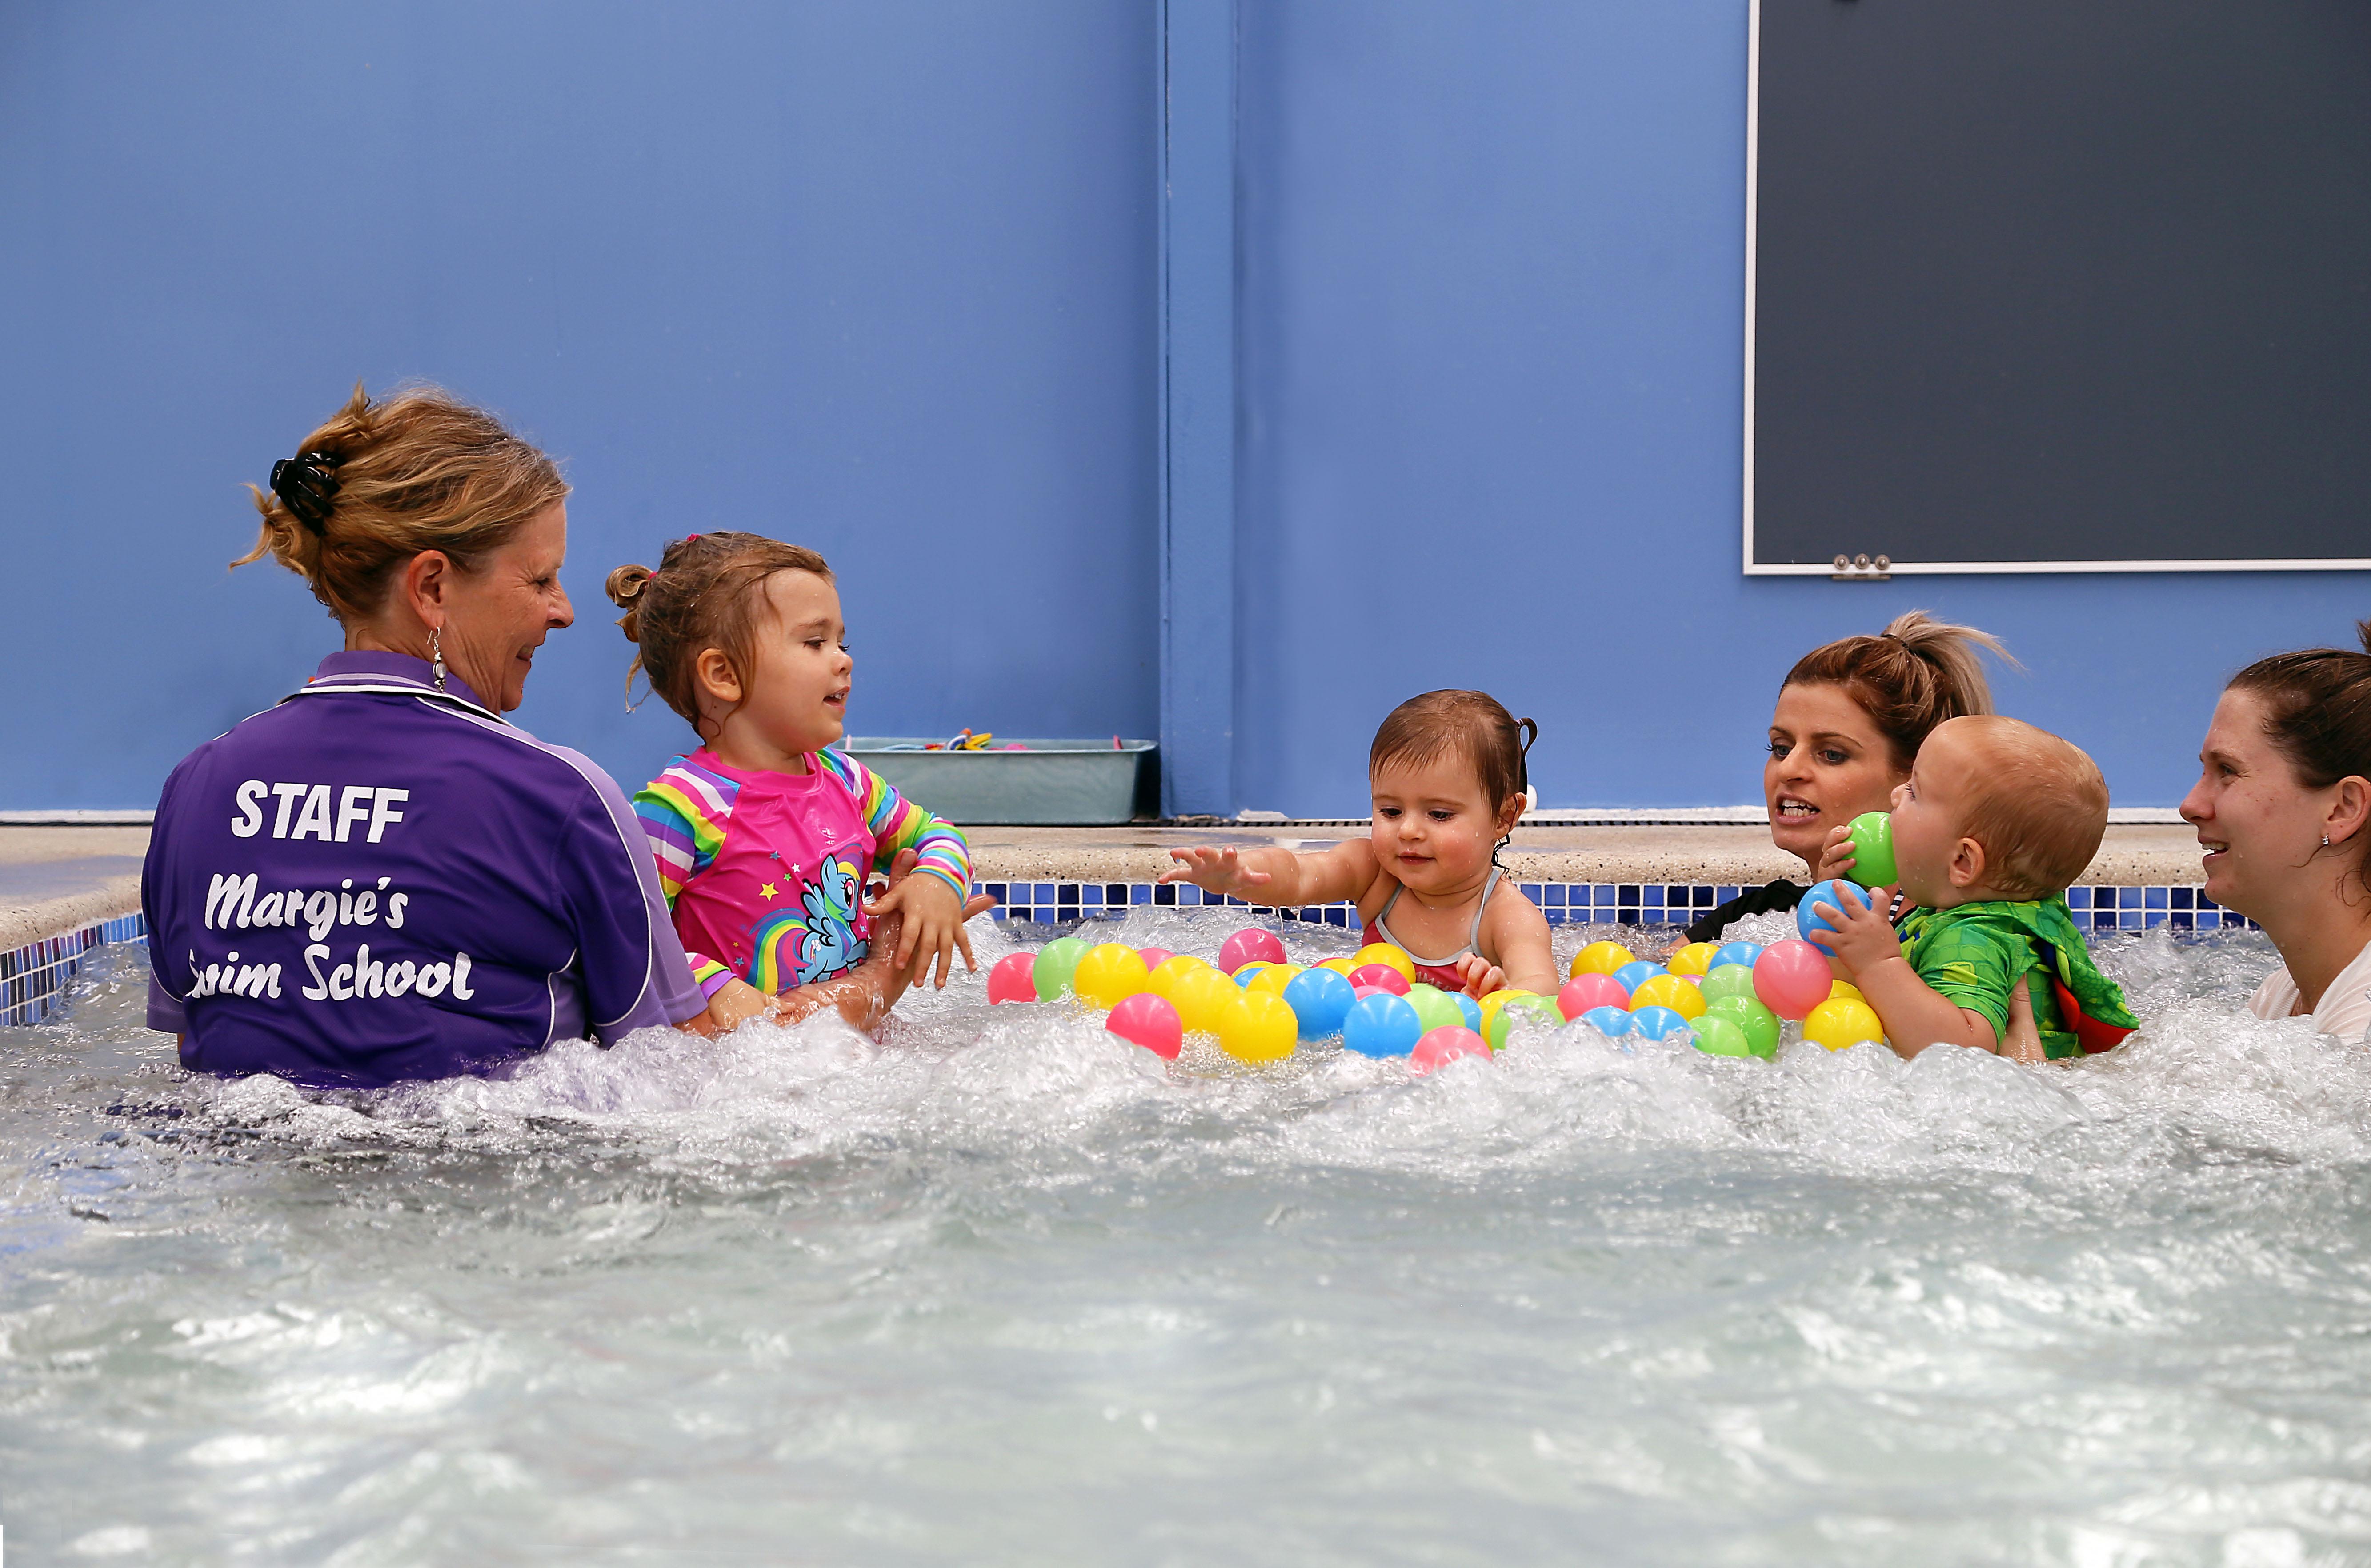 Storytelling Helps Waterco Make A Splash